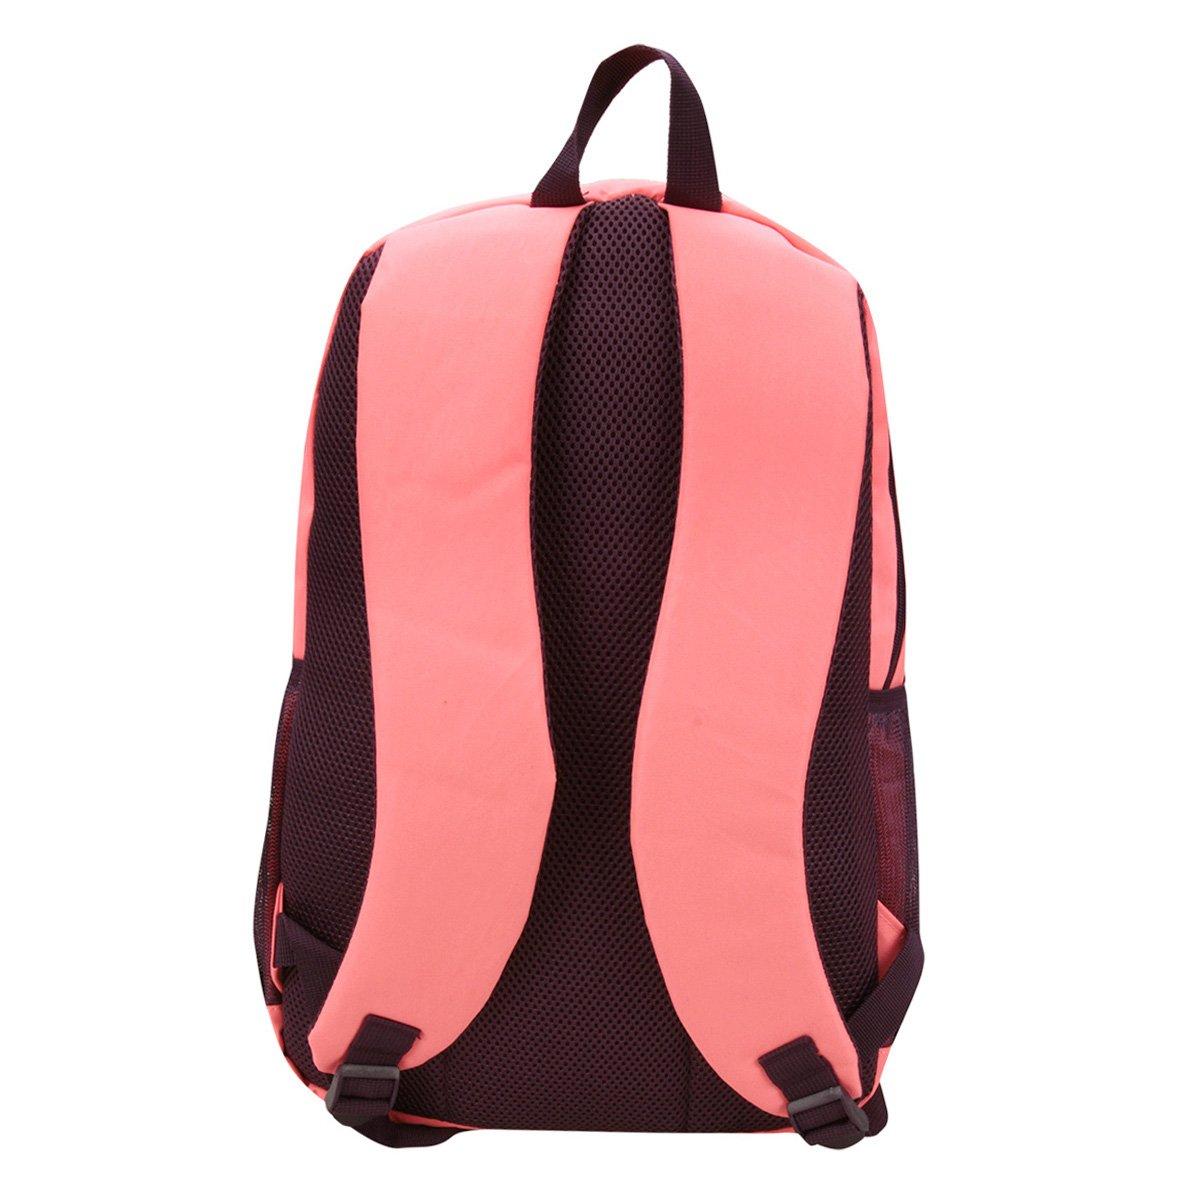 ... Mochila Olympikus Essential - Coral - Compre Agora Netshoes  ef2e6a03a1af4b ... acf87a74b7315